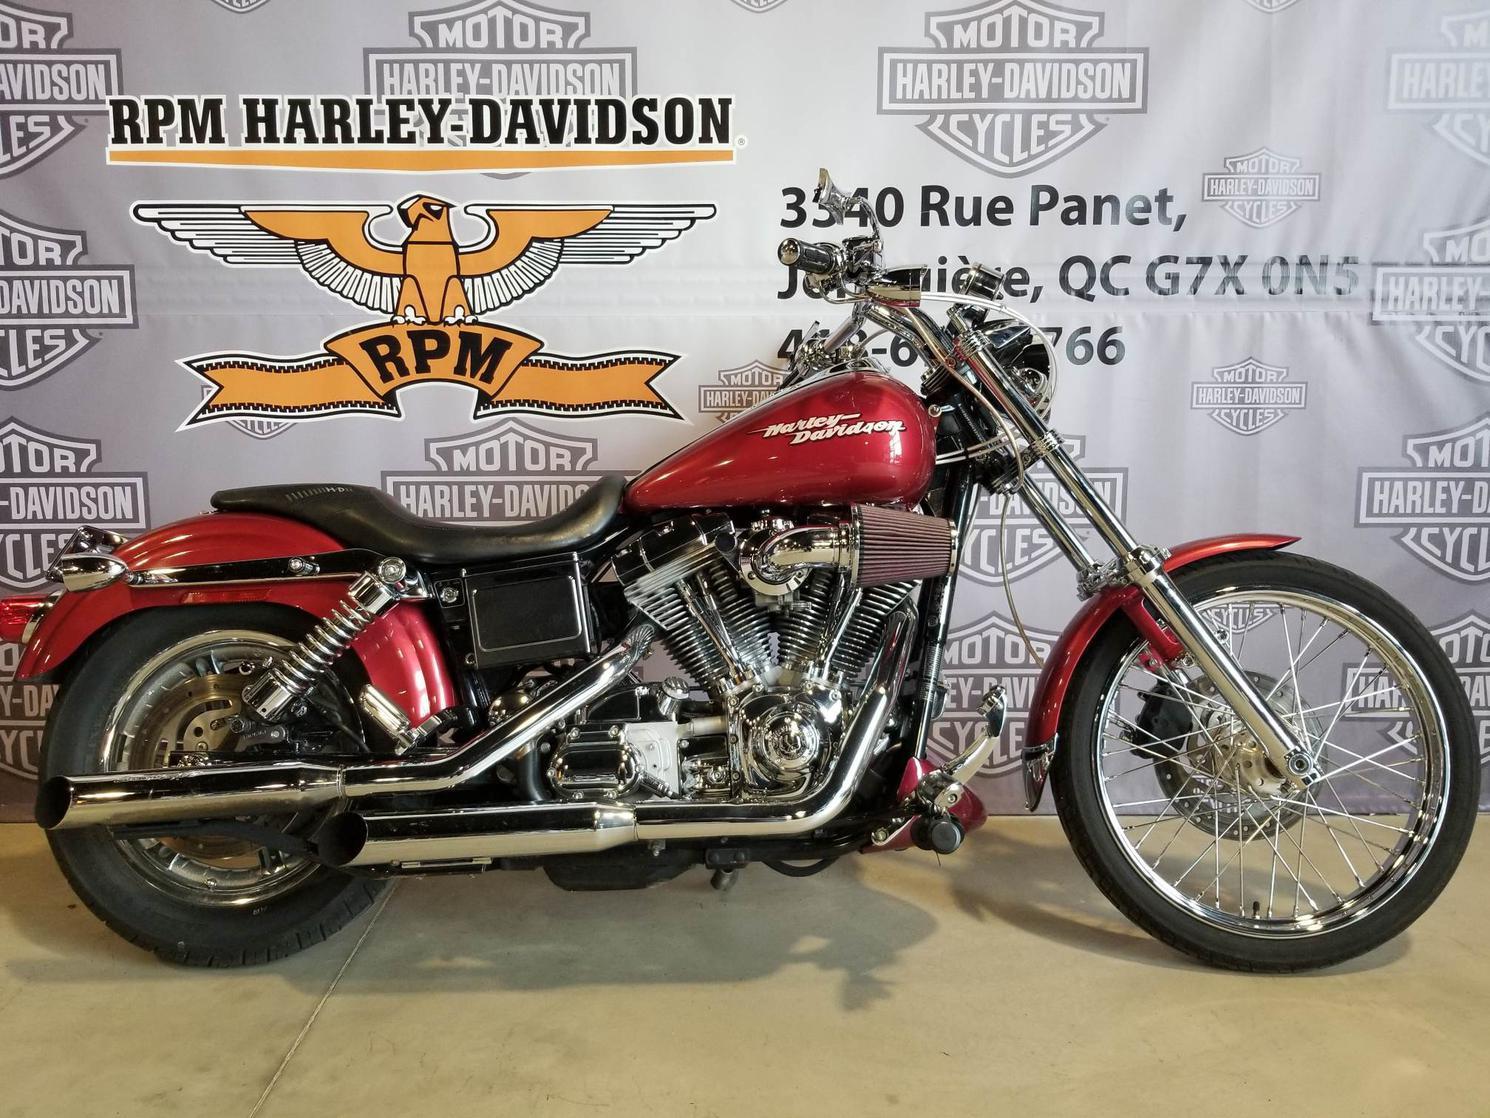 K313916 Harley-Davidson Dyna Super Glide 2005